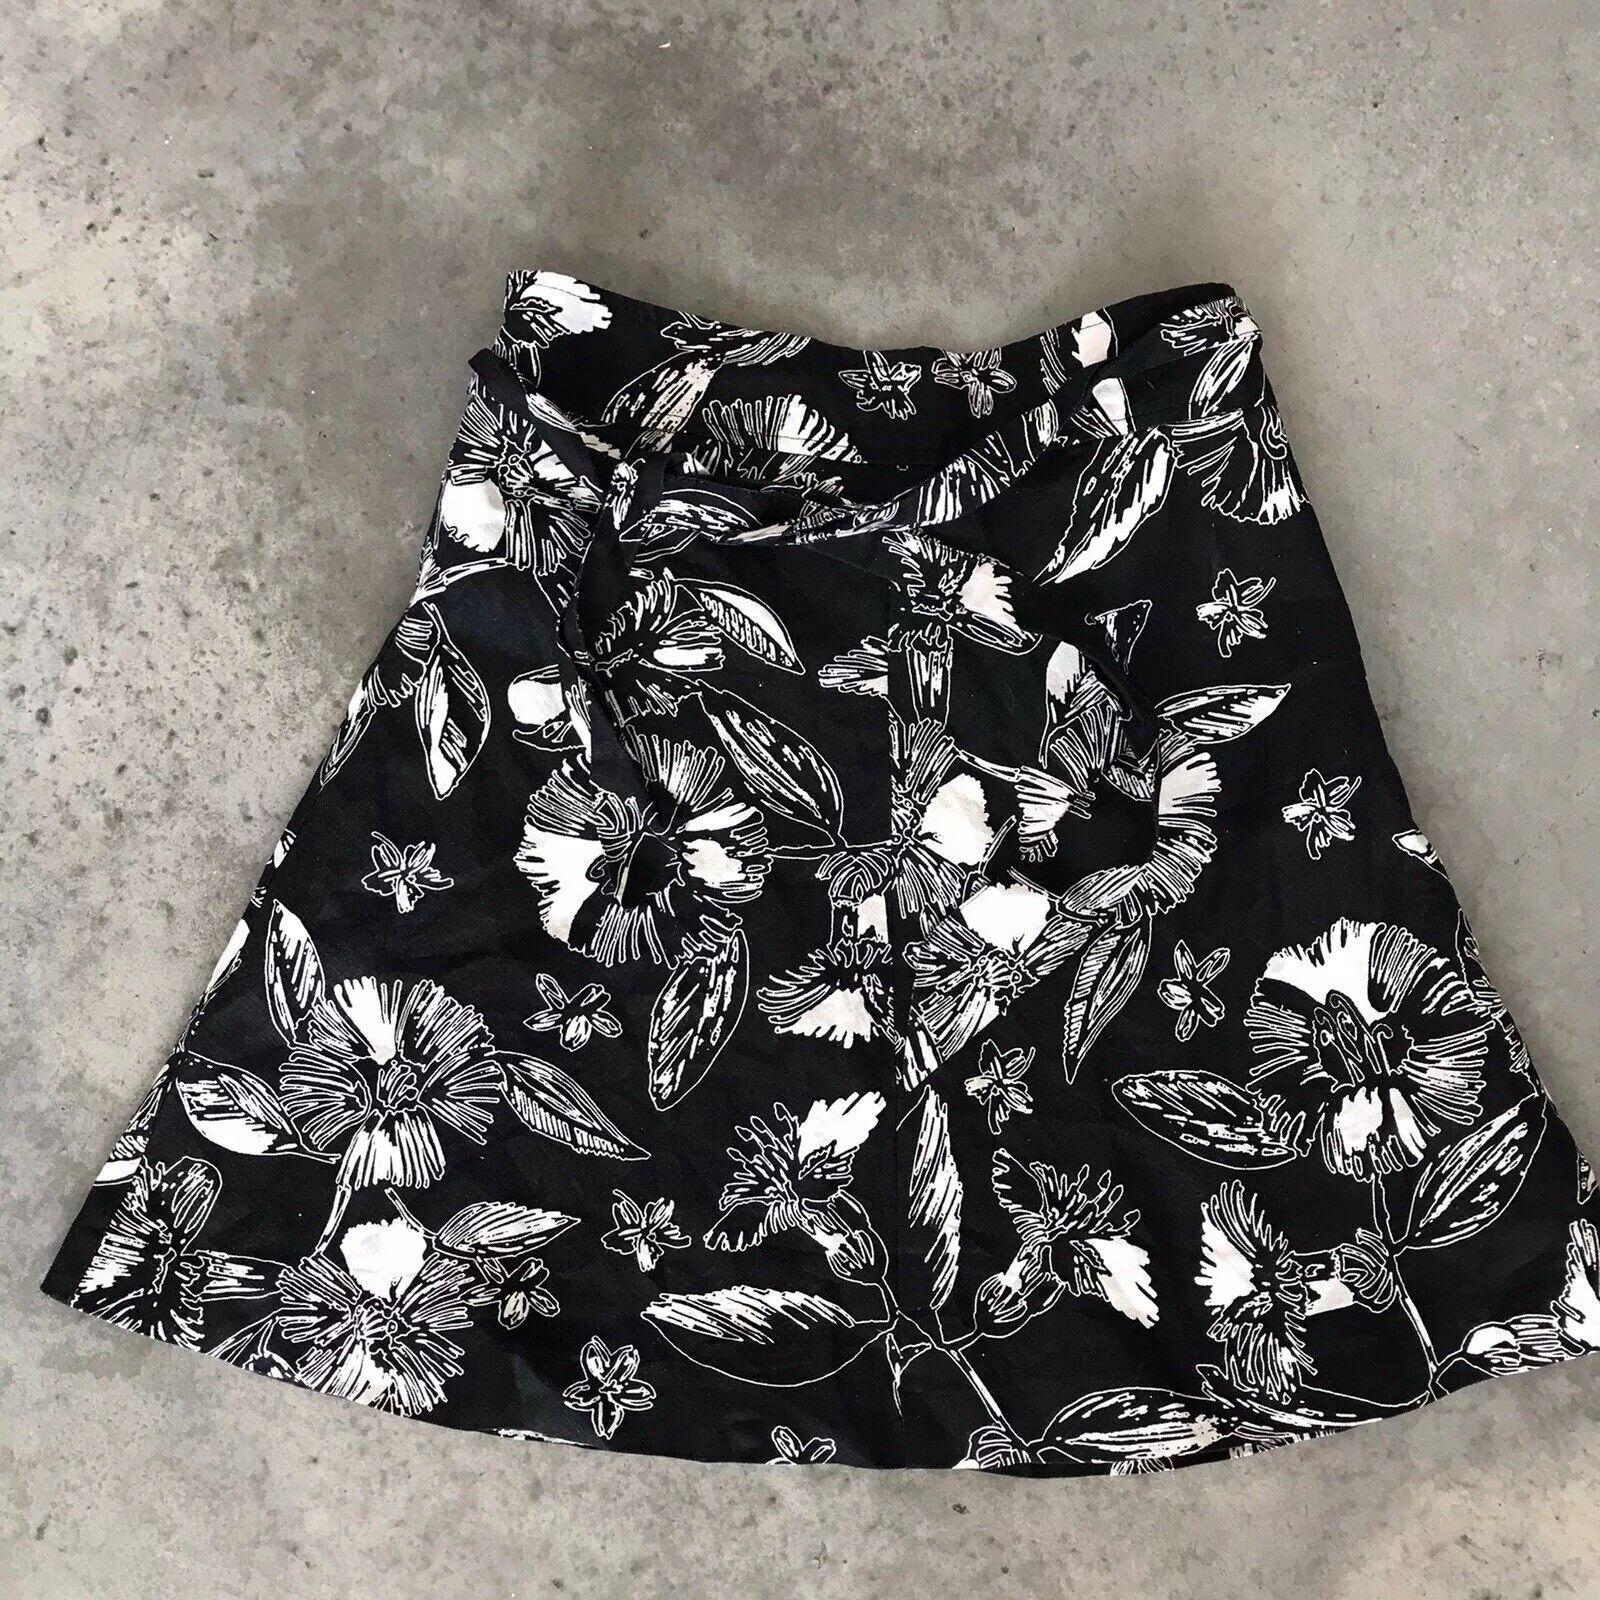 100% Leinen Blumen Schwarz Weiß A-Linie Knielang Merona Tie Taille Rock Größe 4